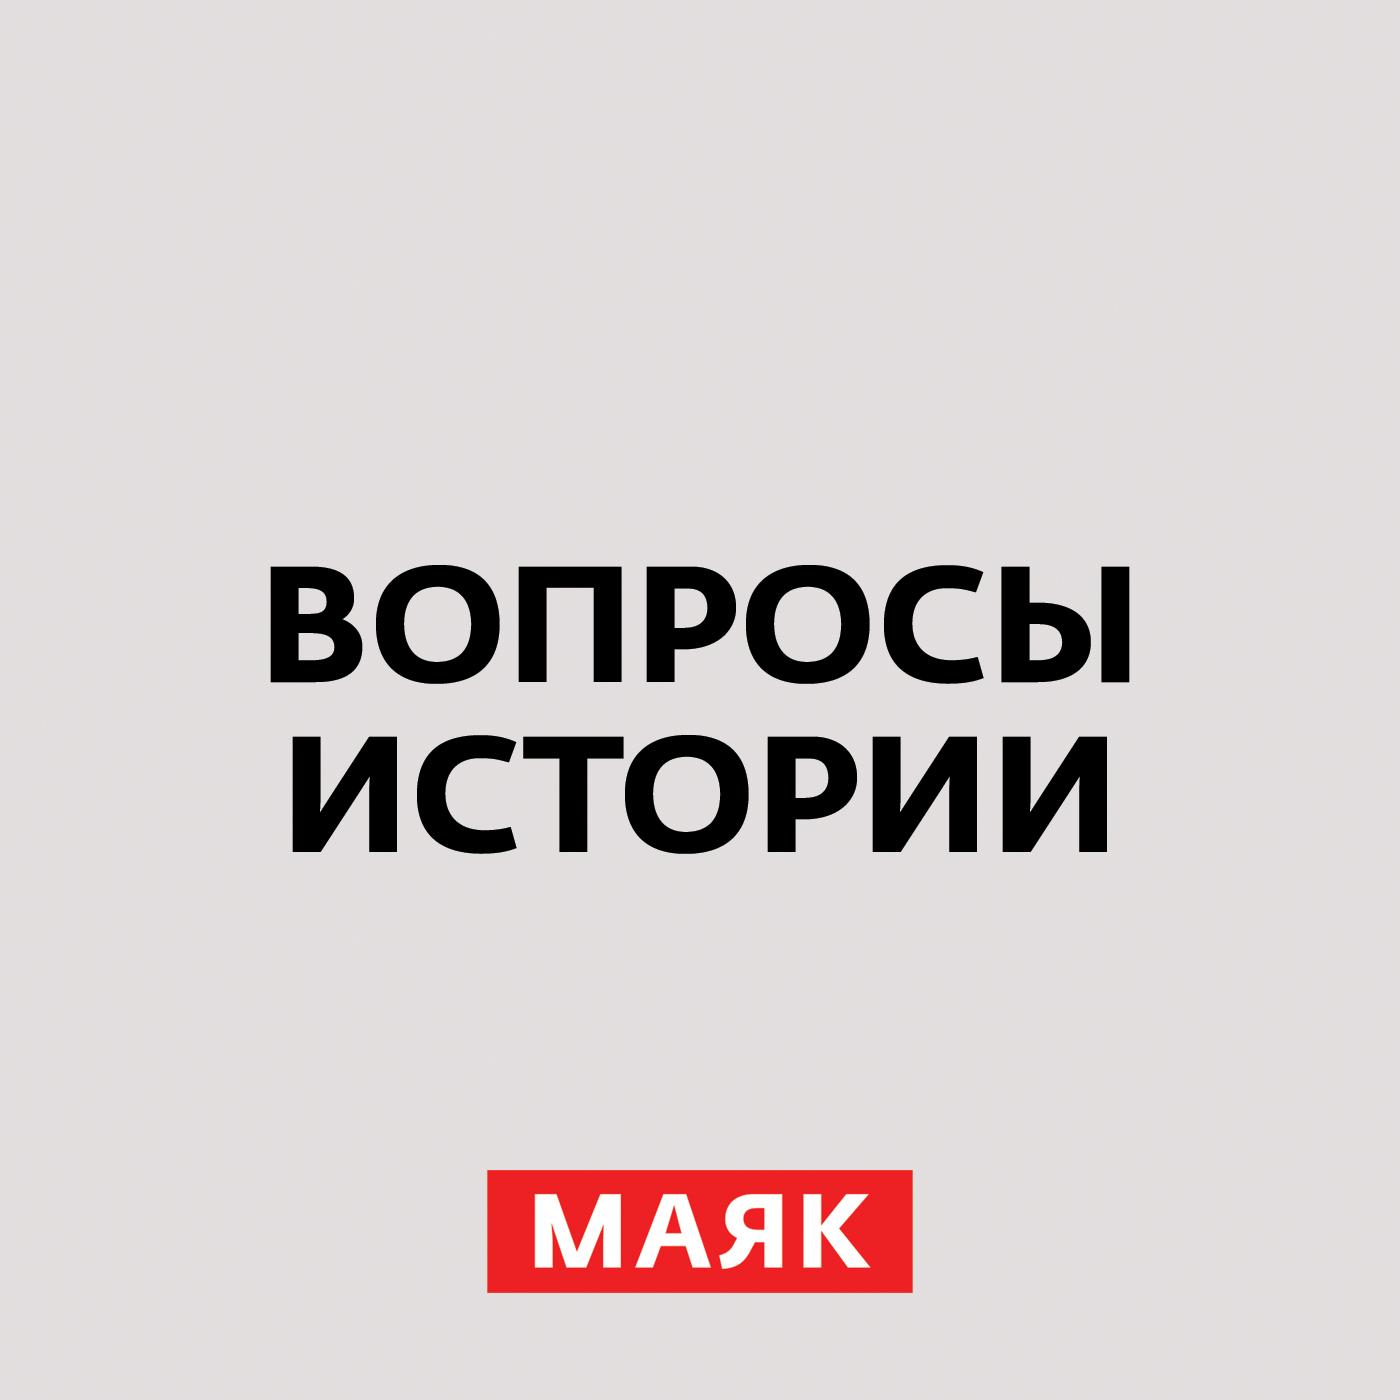 Андрей Светенко Эсеры: роль в истории андрей михайлов последняя партия для твоих пальцев и моих нервов